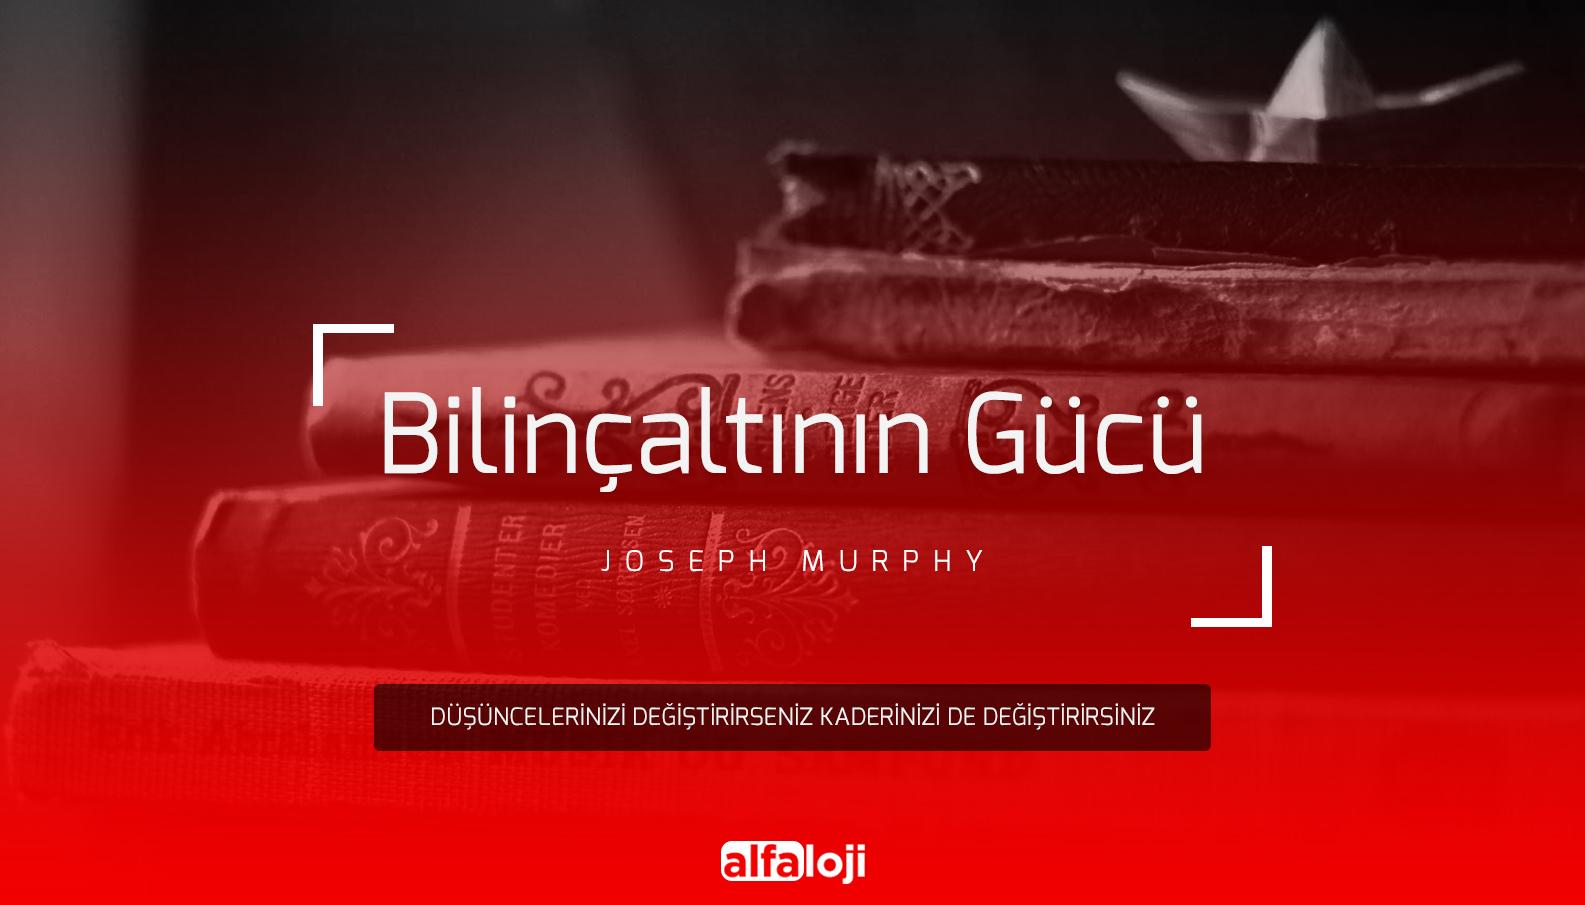 Joseph Murphy - Bilinçaltının Gücü PDF indir